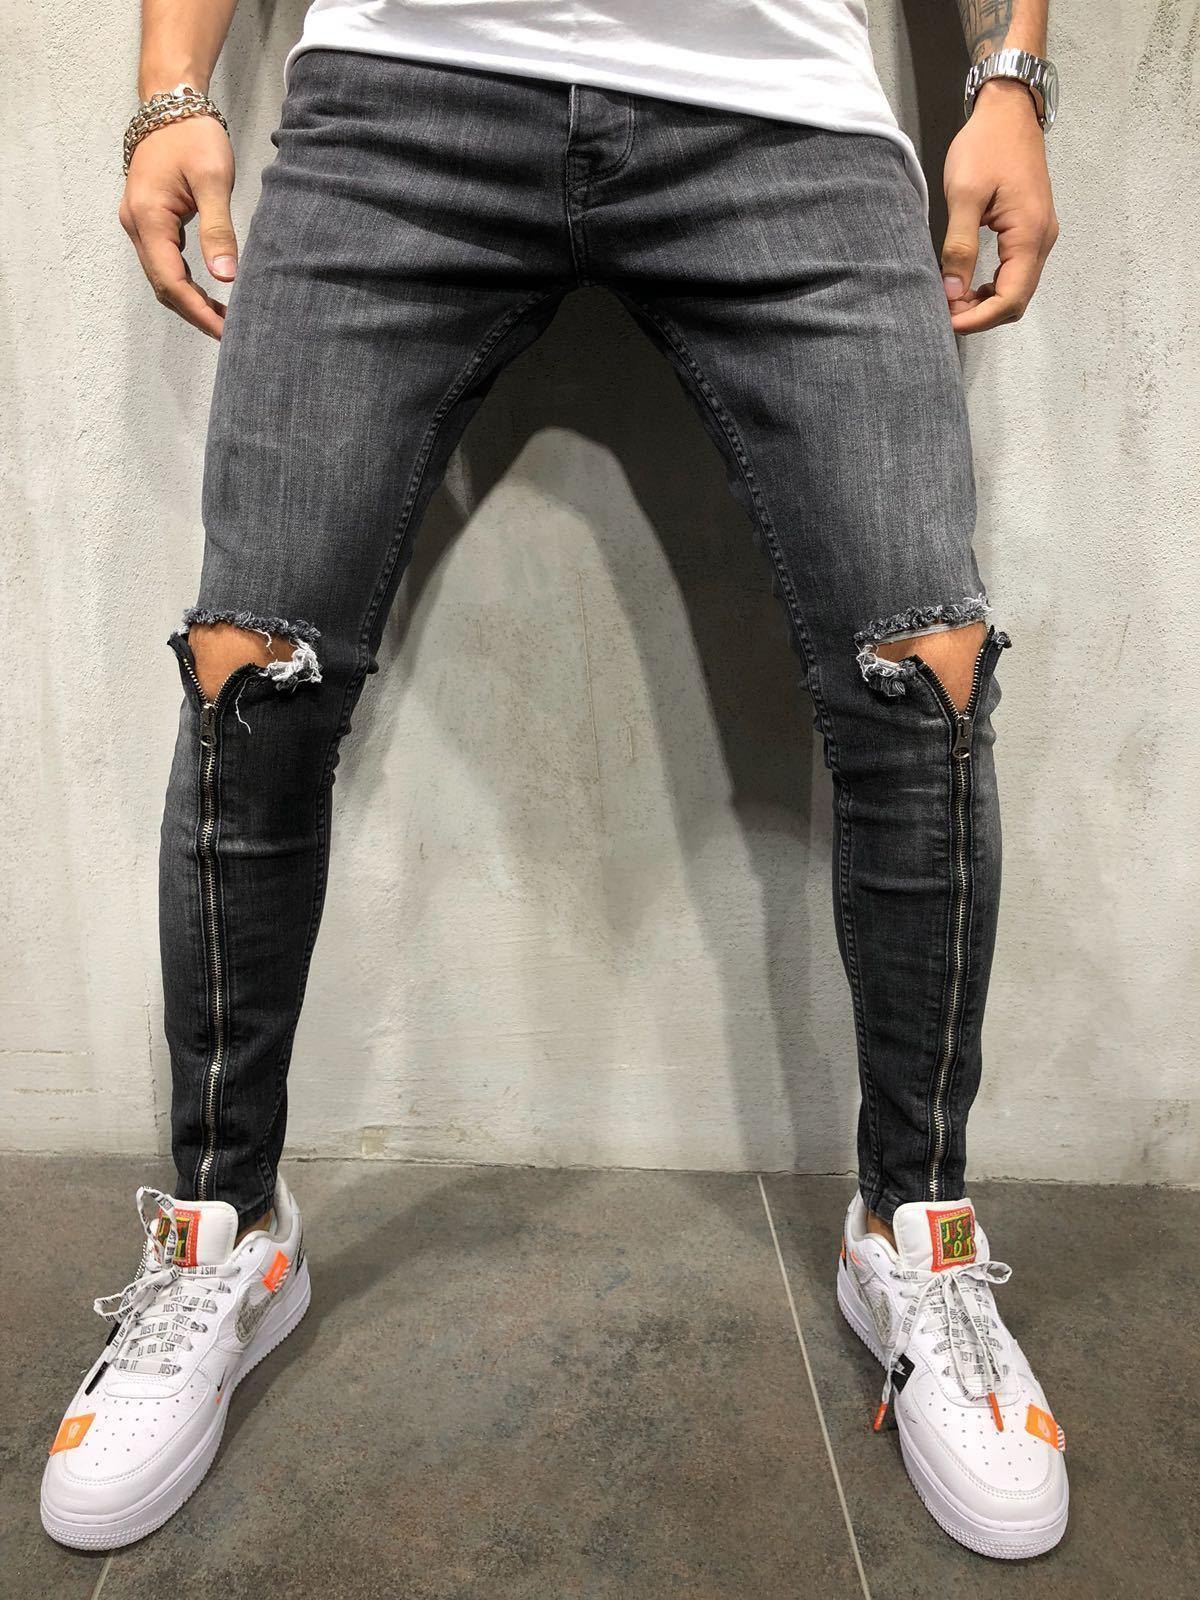 Zipper Jeans Black Streetwear Jeans Ripped Jeans Men Ripped Jeans Style [ 1600 x 1200 Pixel ]